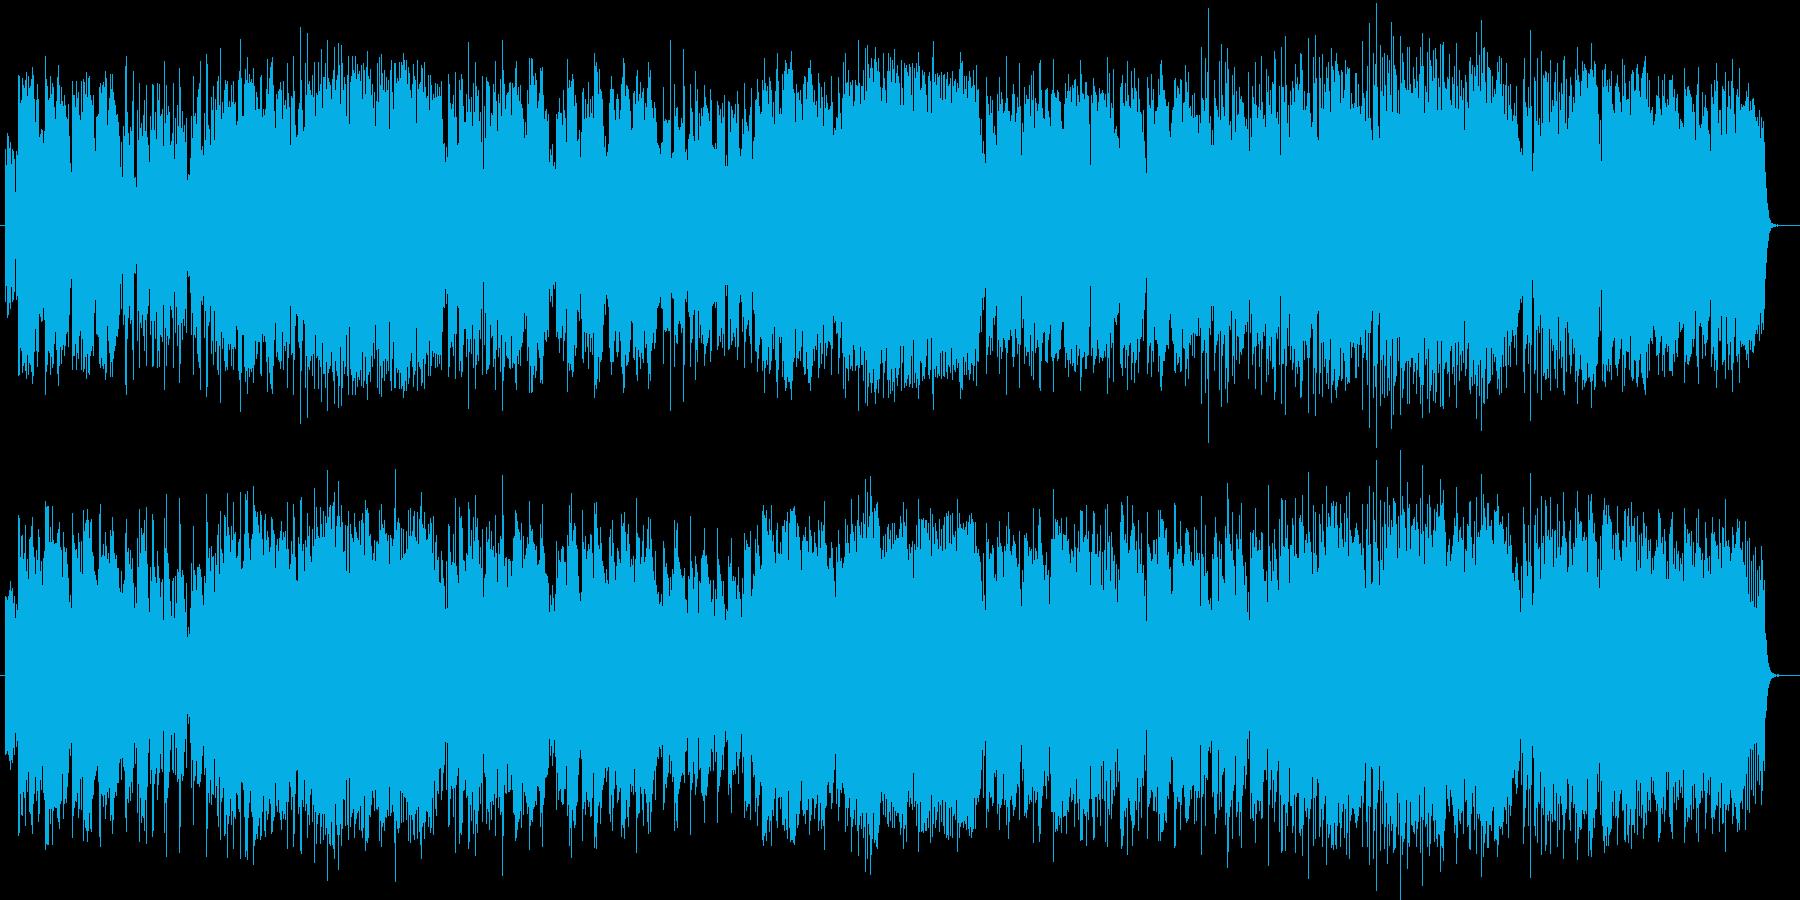 ほのぼのとしてやすらぎを覚えるポップスの再生済みの波形